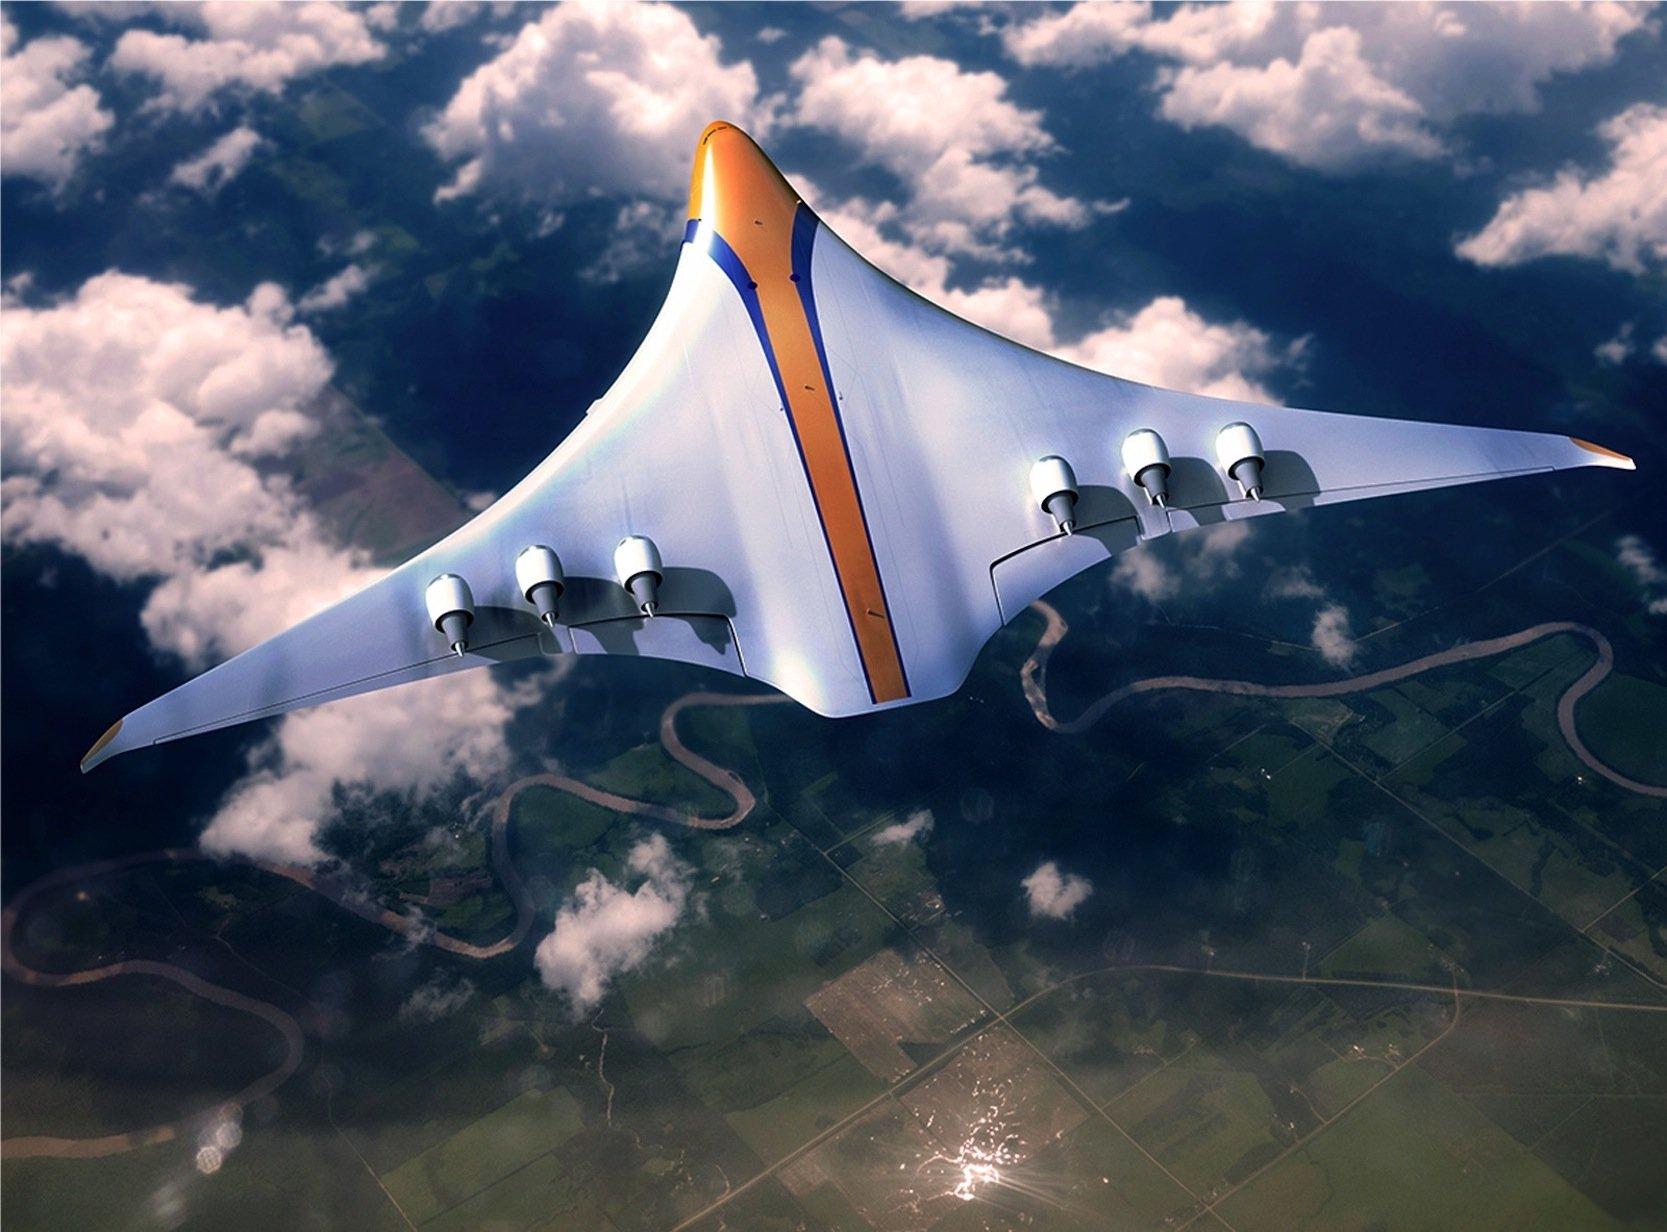 Das Konzeptflugzeug von APHverfügt über einen Hybridantrieb. Die Turbinen werden elektrisch angetrieben.